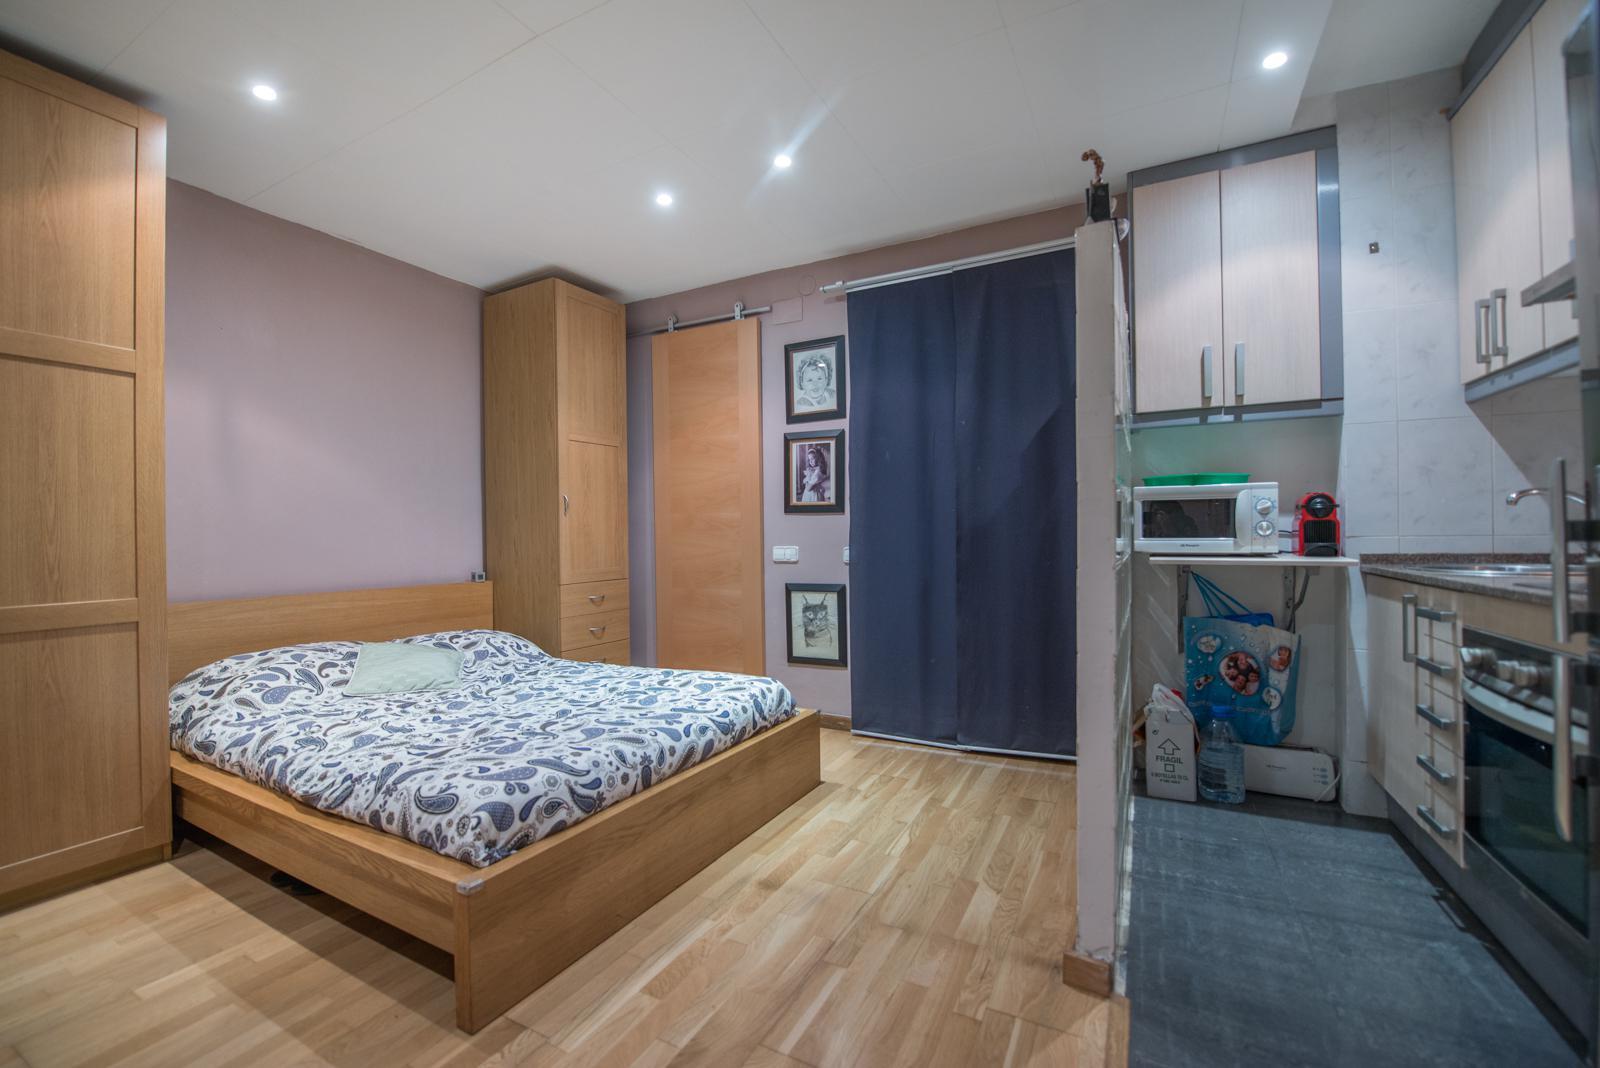 petit-appartement-de-vente-a-mare-de-deu-del-coll-baixada-de-la-gloria-la-salut-a-barcelona-226833634